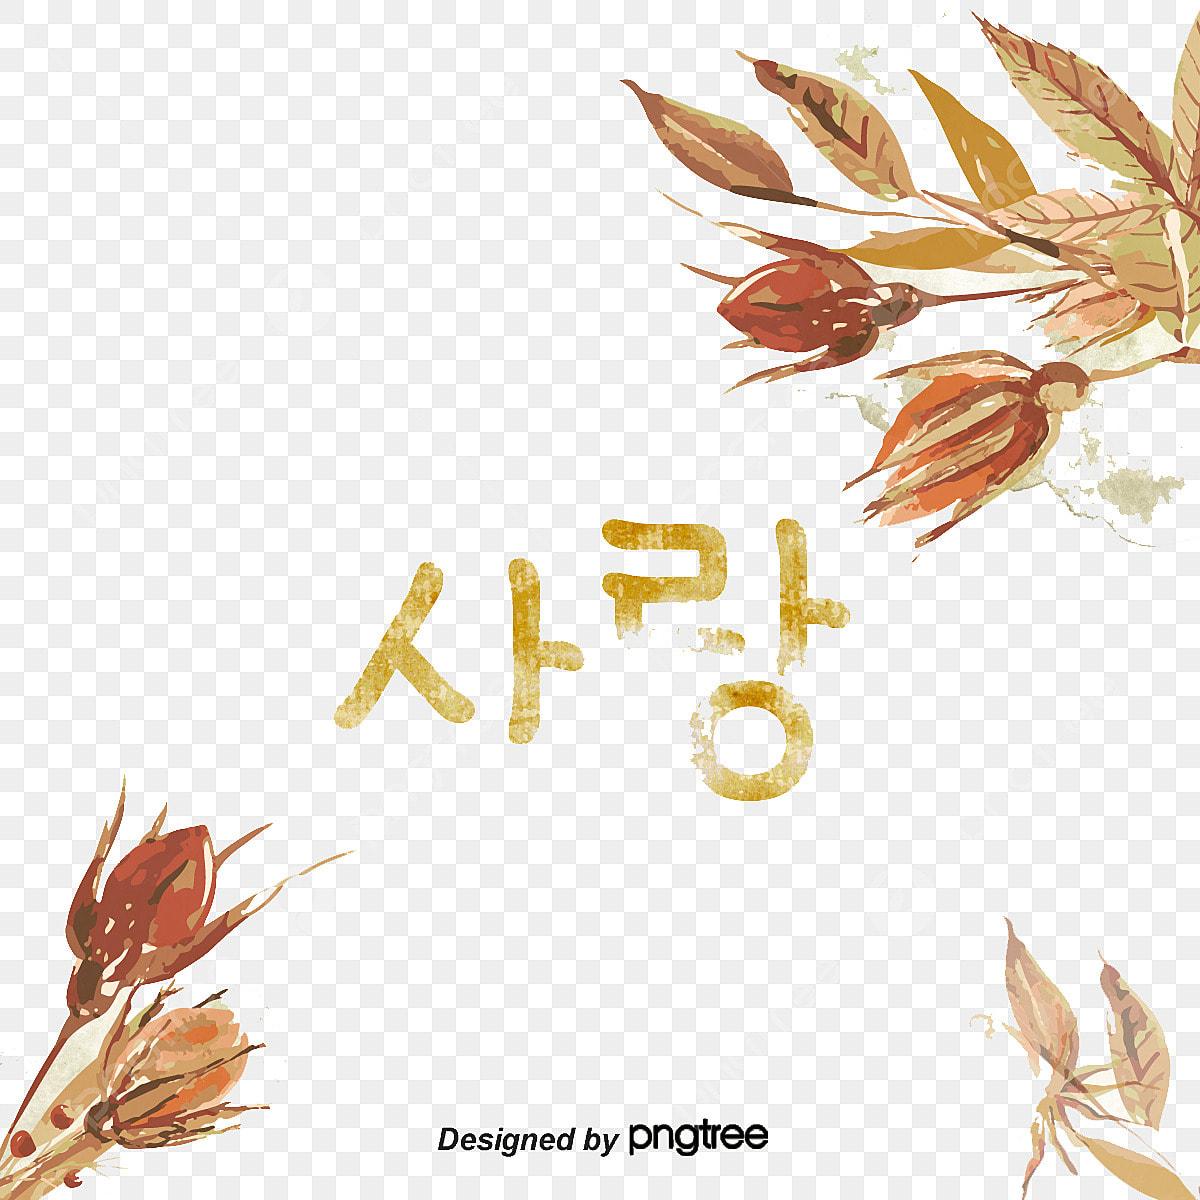 水彩手描き花 韓国風 イラスト 手描き画像とpsd素材ファイルの無料